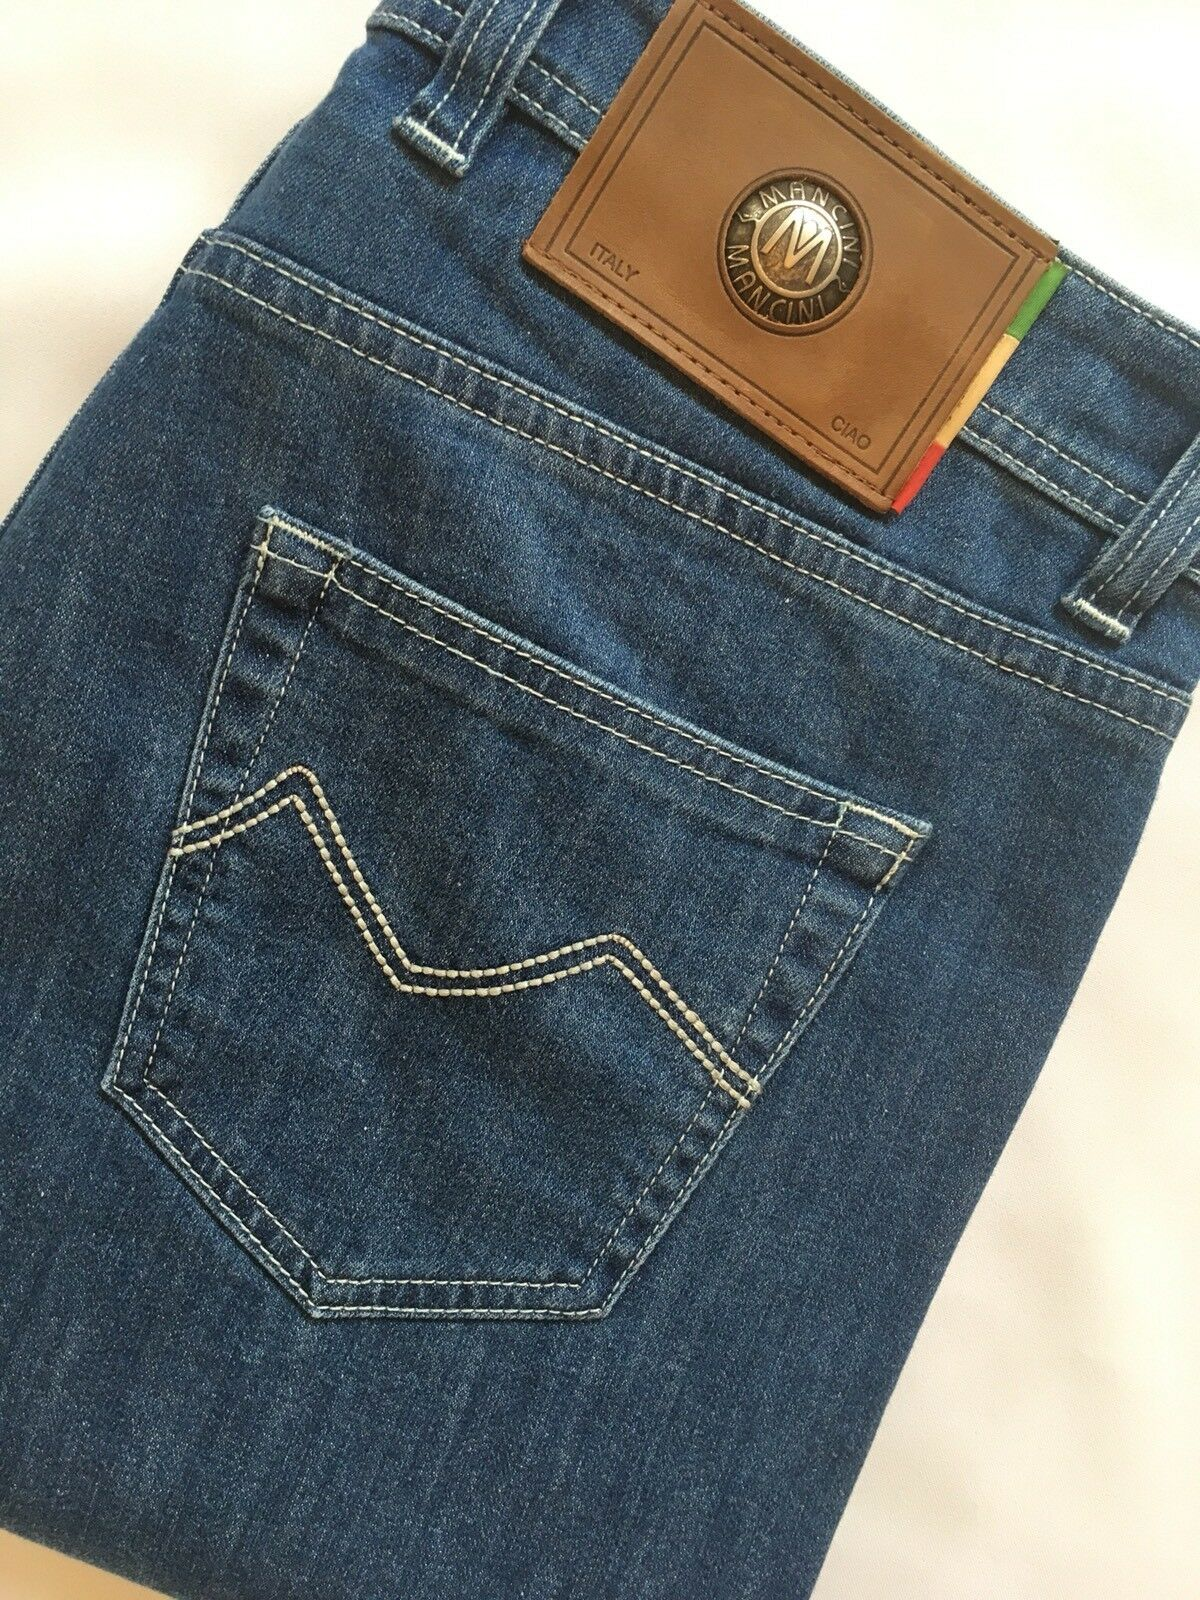 """Mancini Rupert bluee Jeans 28  waist 32"""" leg Regular Stretch RRP"""